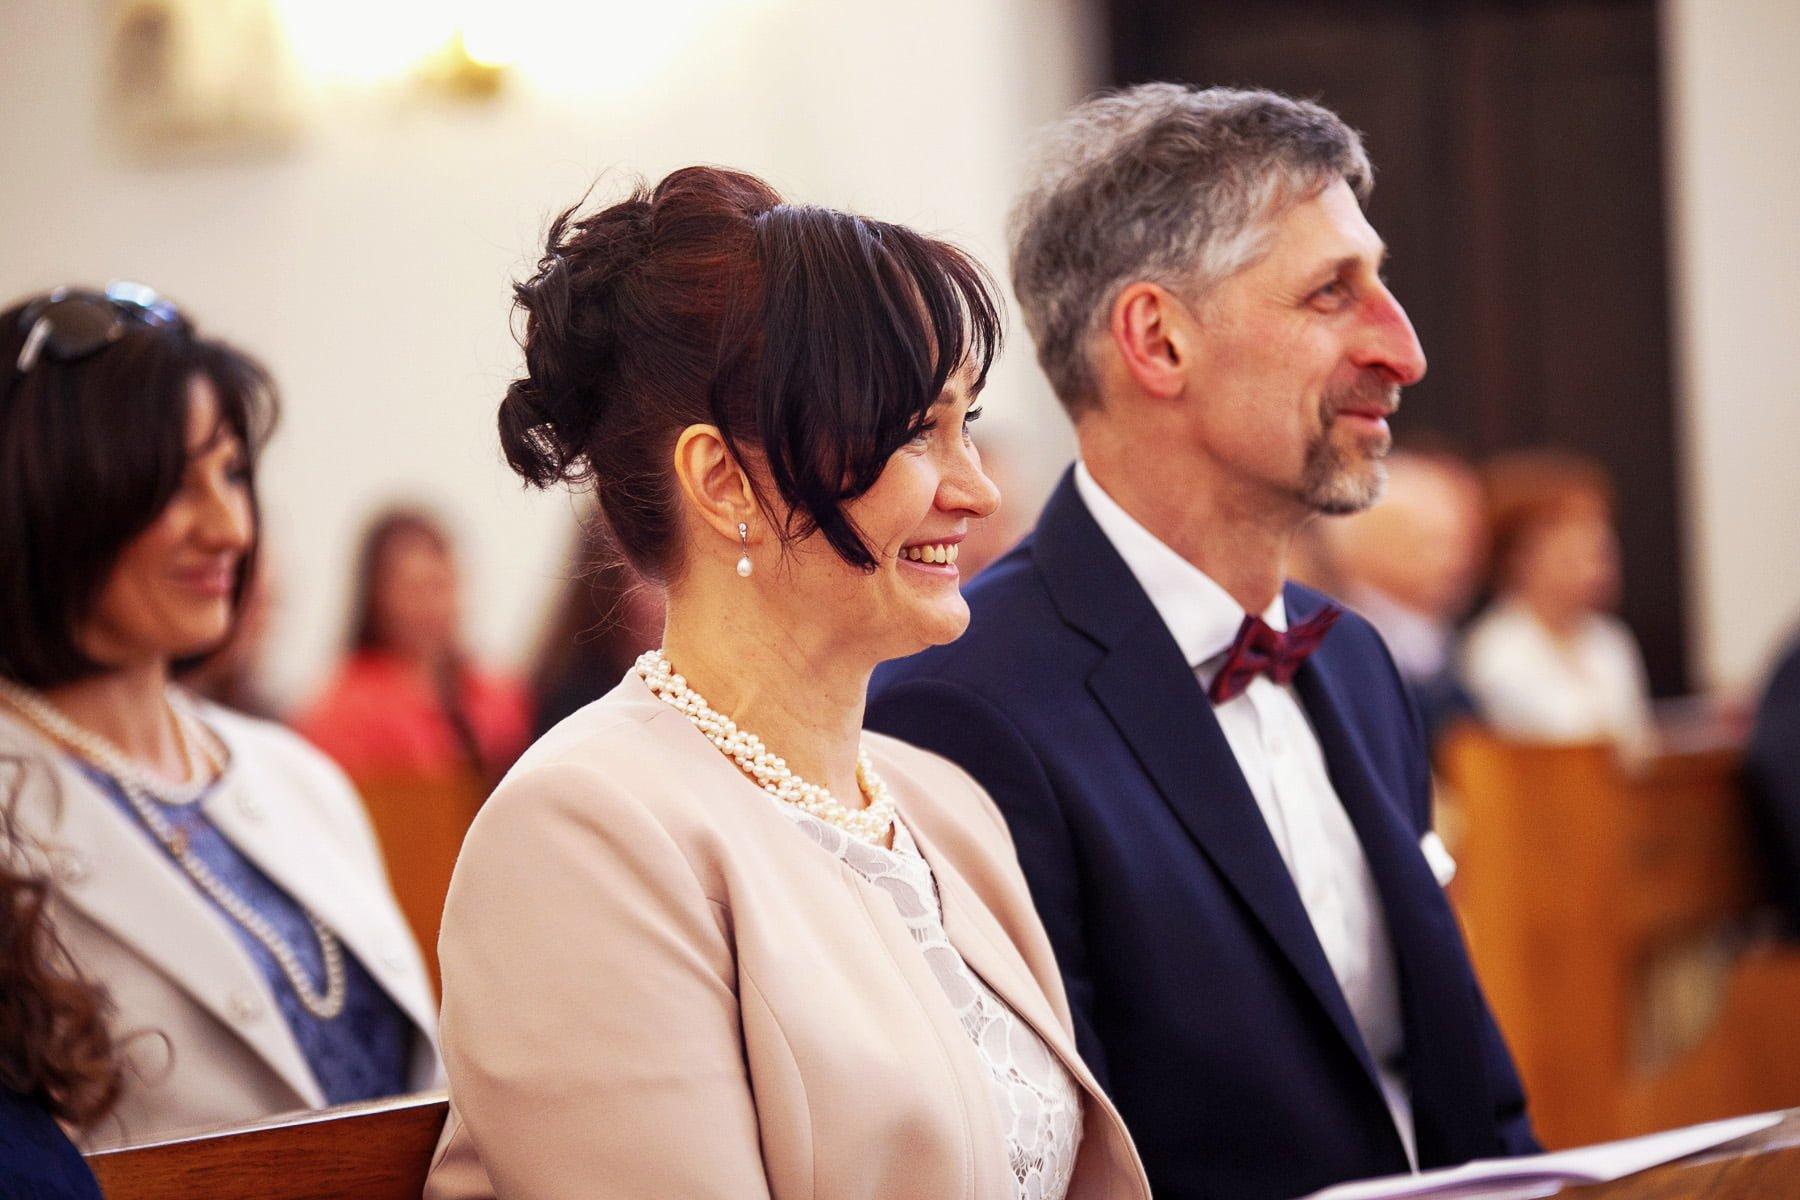 fotograf slub bielsko biala ania maciej 72 - Ślub w Bielsku-Białej - ANIA & MACIEJ